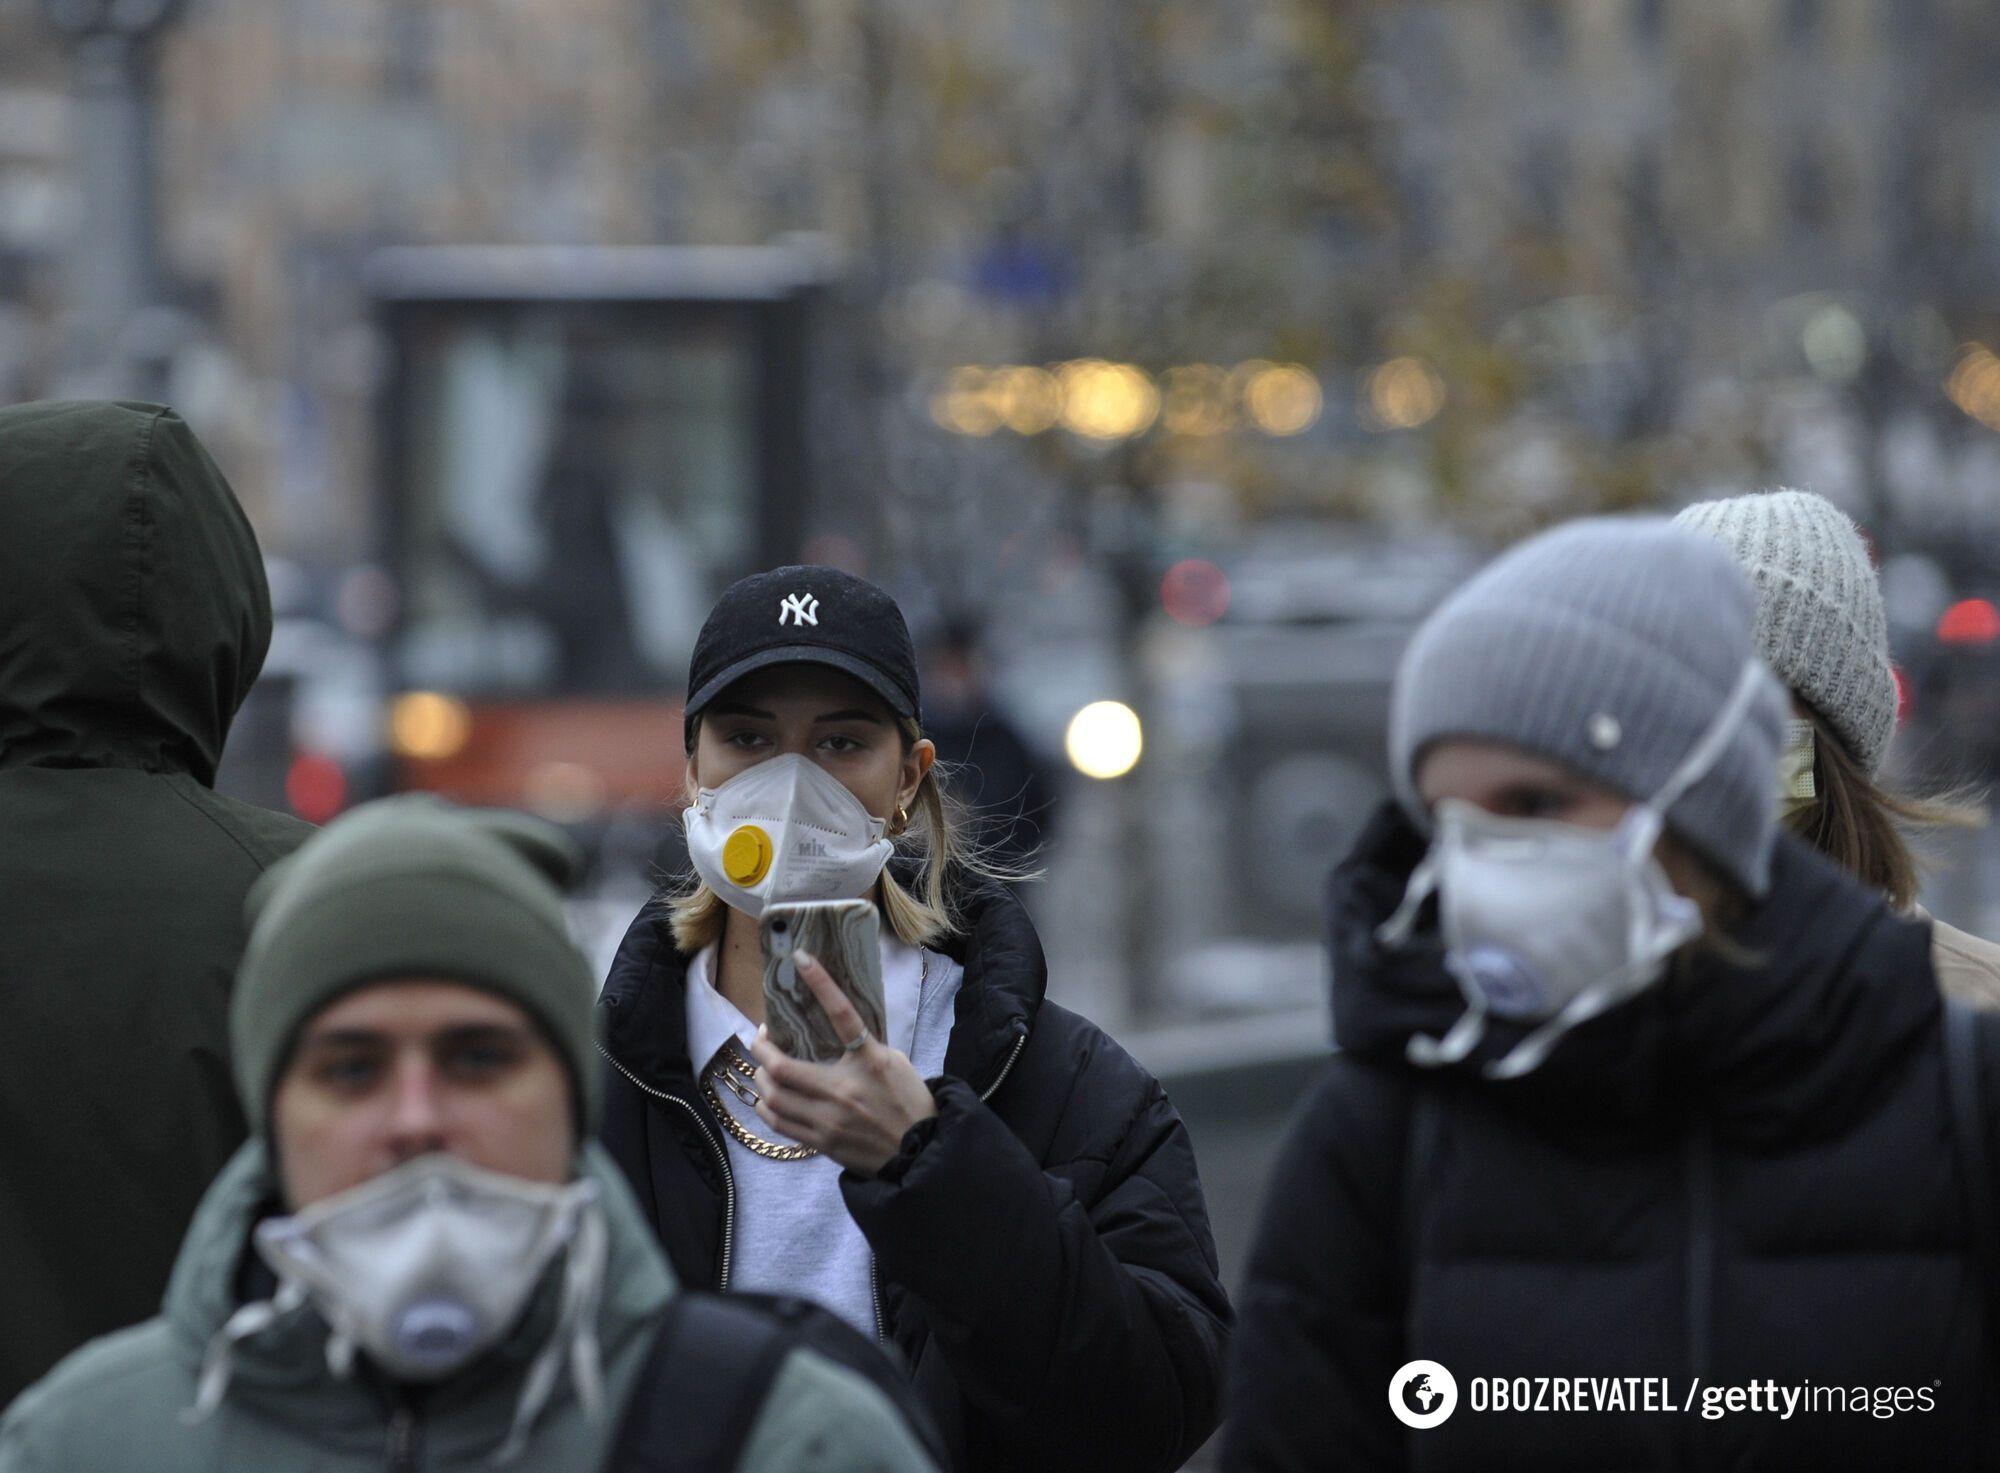 Кількість госпіталізацій в Україні через коронавірус в Україні зменшилась